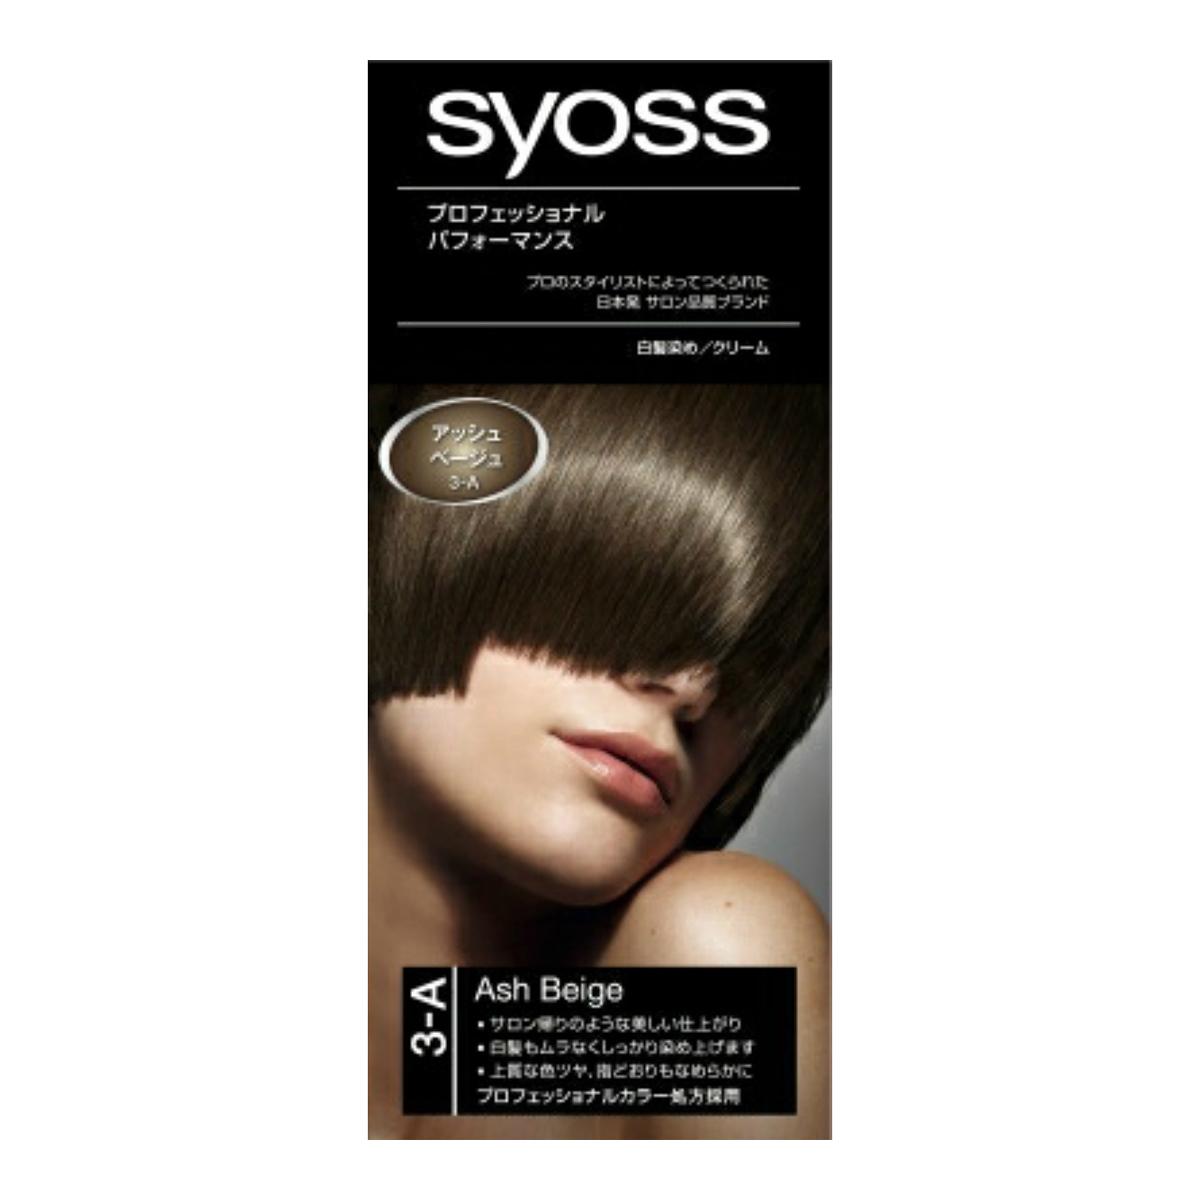 サイオス syoss 白髪染め 白髪もムラなくしっかり染め上げます 上質な色ツヤ 指どおりもなめらかに C3A メーカー直送 クリームタイプ 4987234360291 アッシュベージュ シュワルツコフヘンケル 新生活 ヘアカラー